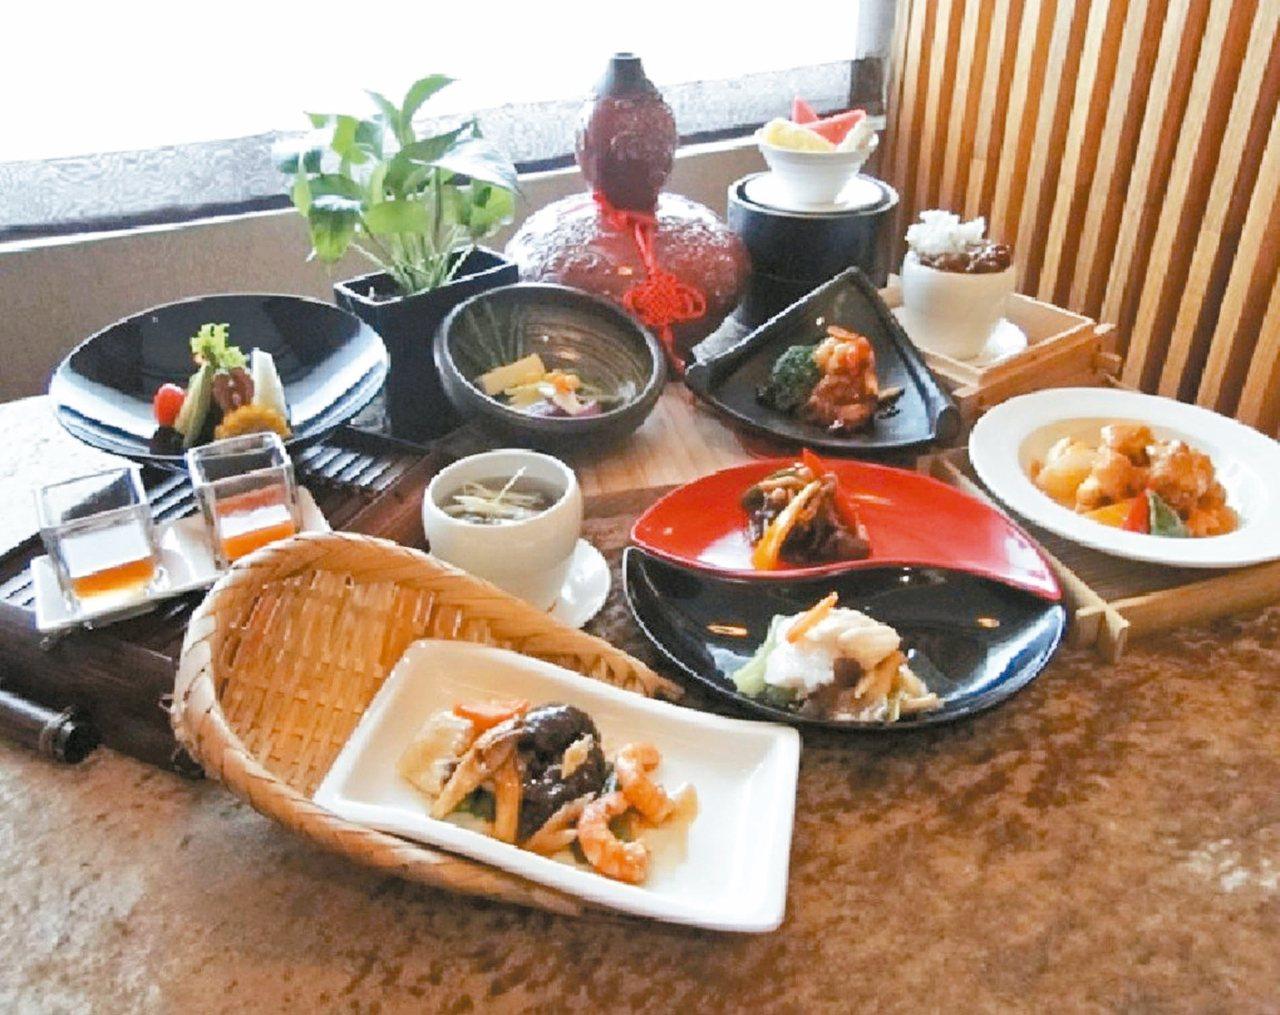 花蓮翰品酒店為穆斯林遊客設計專屬的菜色。 圖/翰品酒店提供